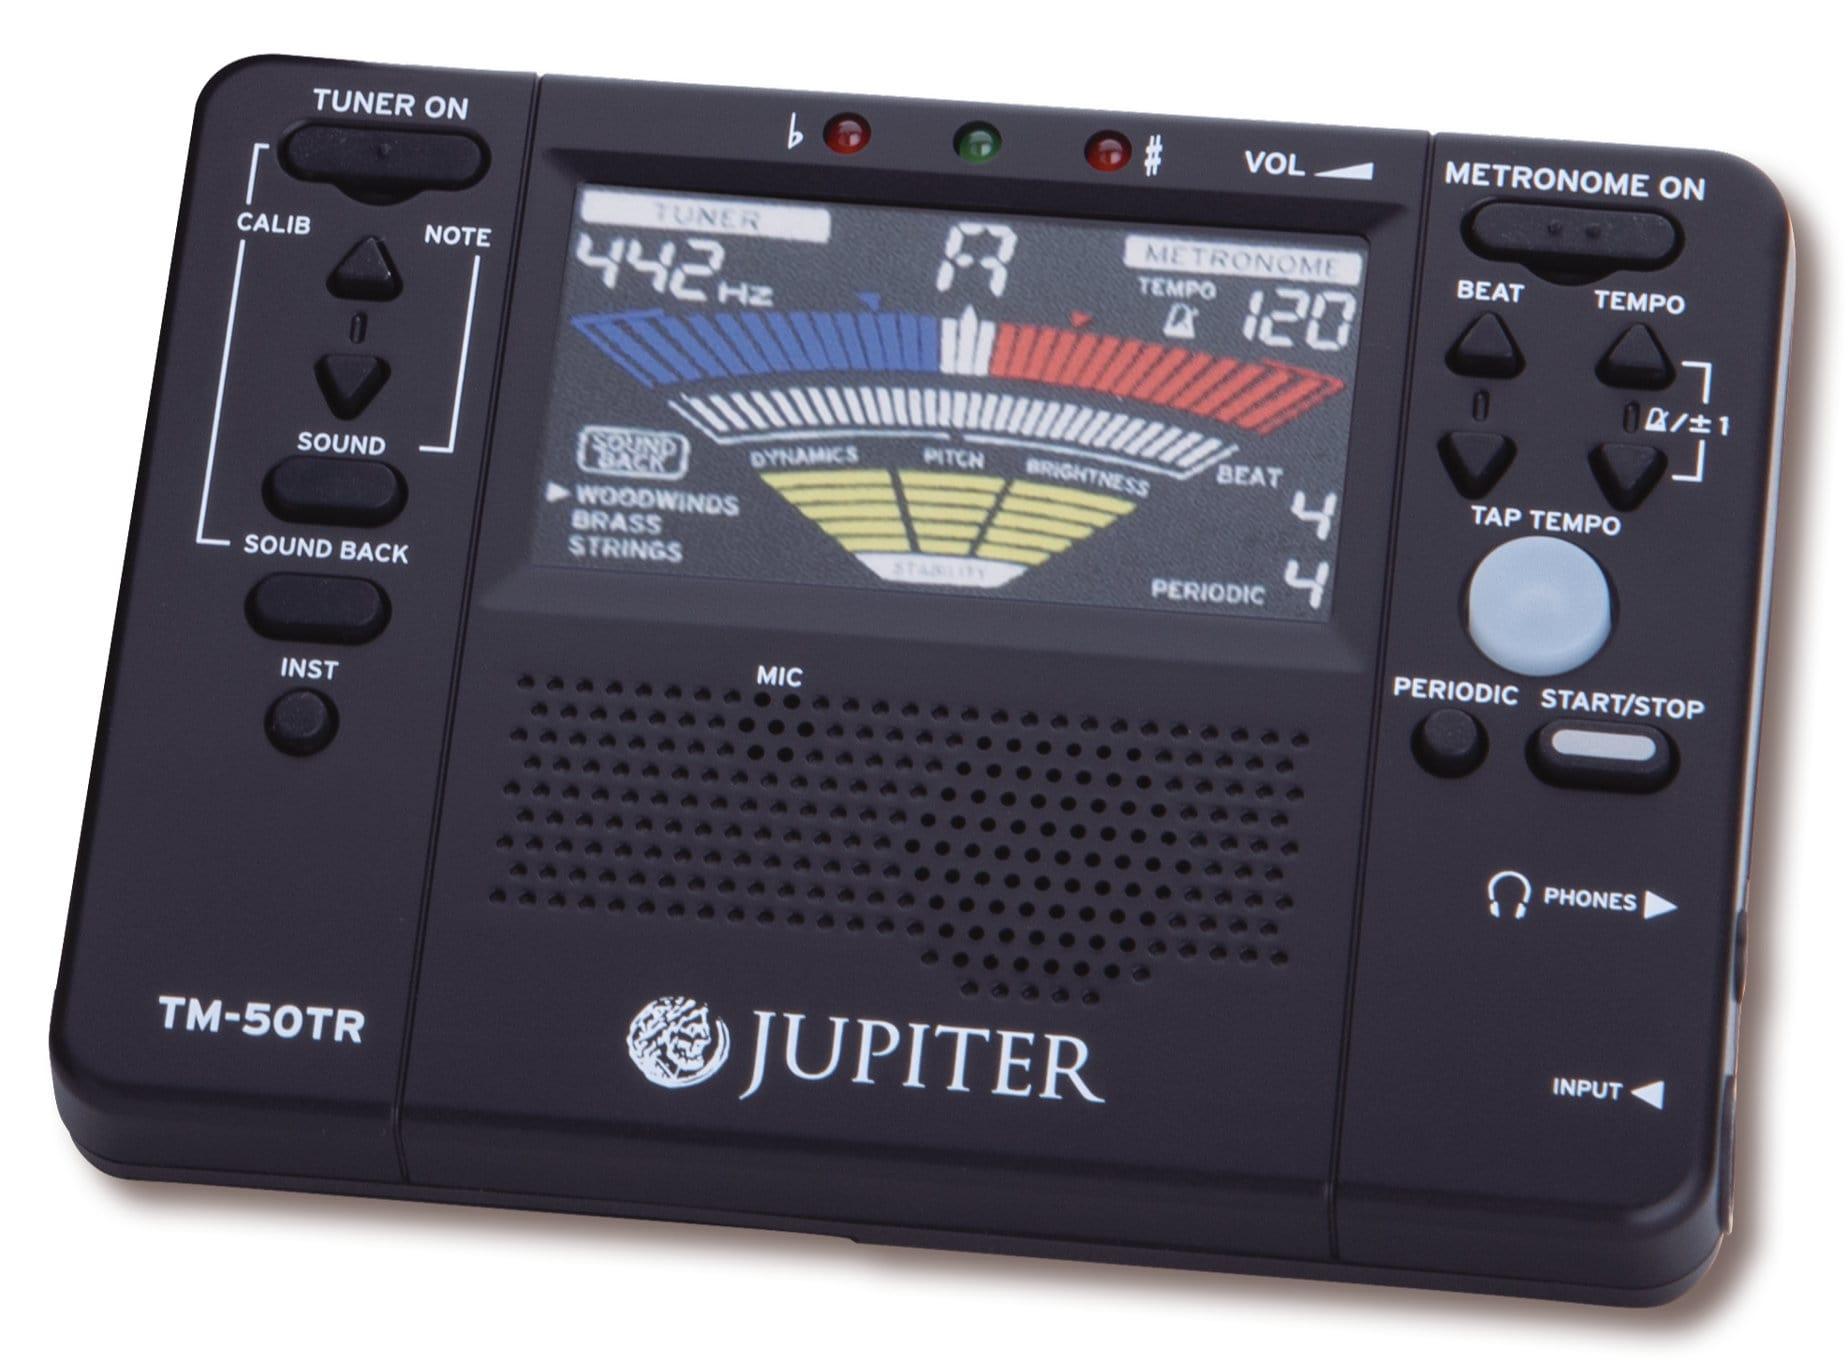 Musikerzubehoer - Jupiter TM 50TR Metronom|Stimmgerät und Ton Trainer - Onlineshop Musikhaus Kirstein